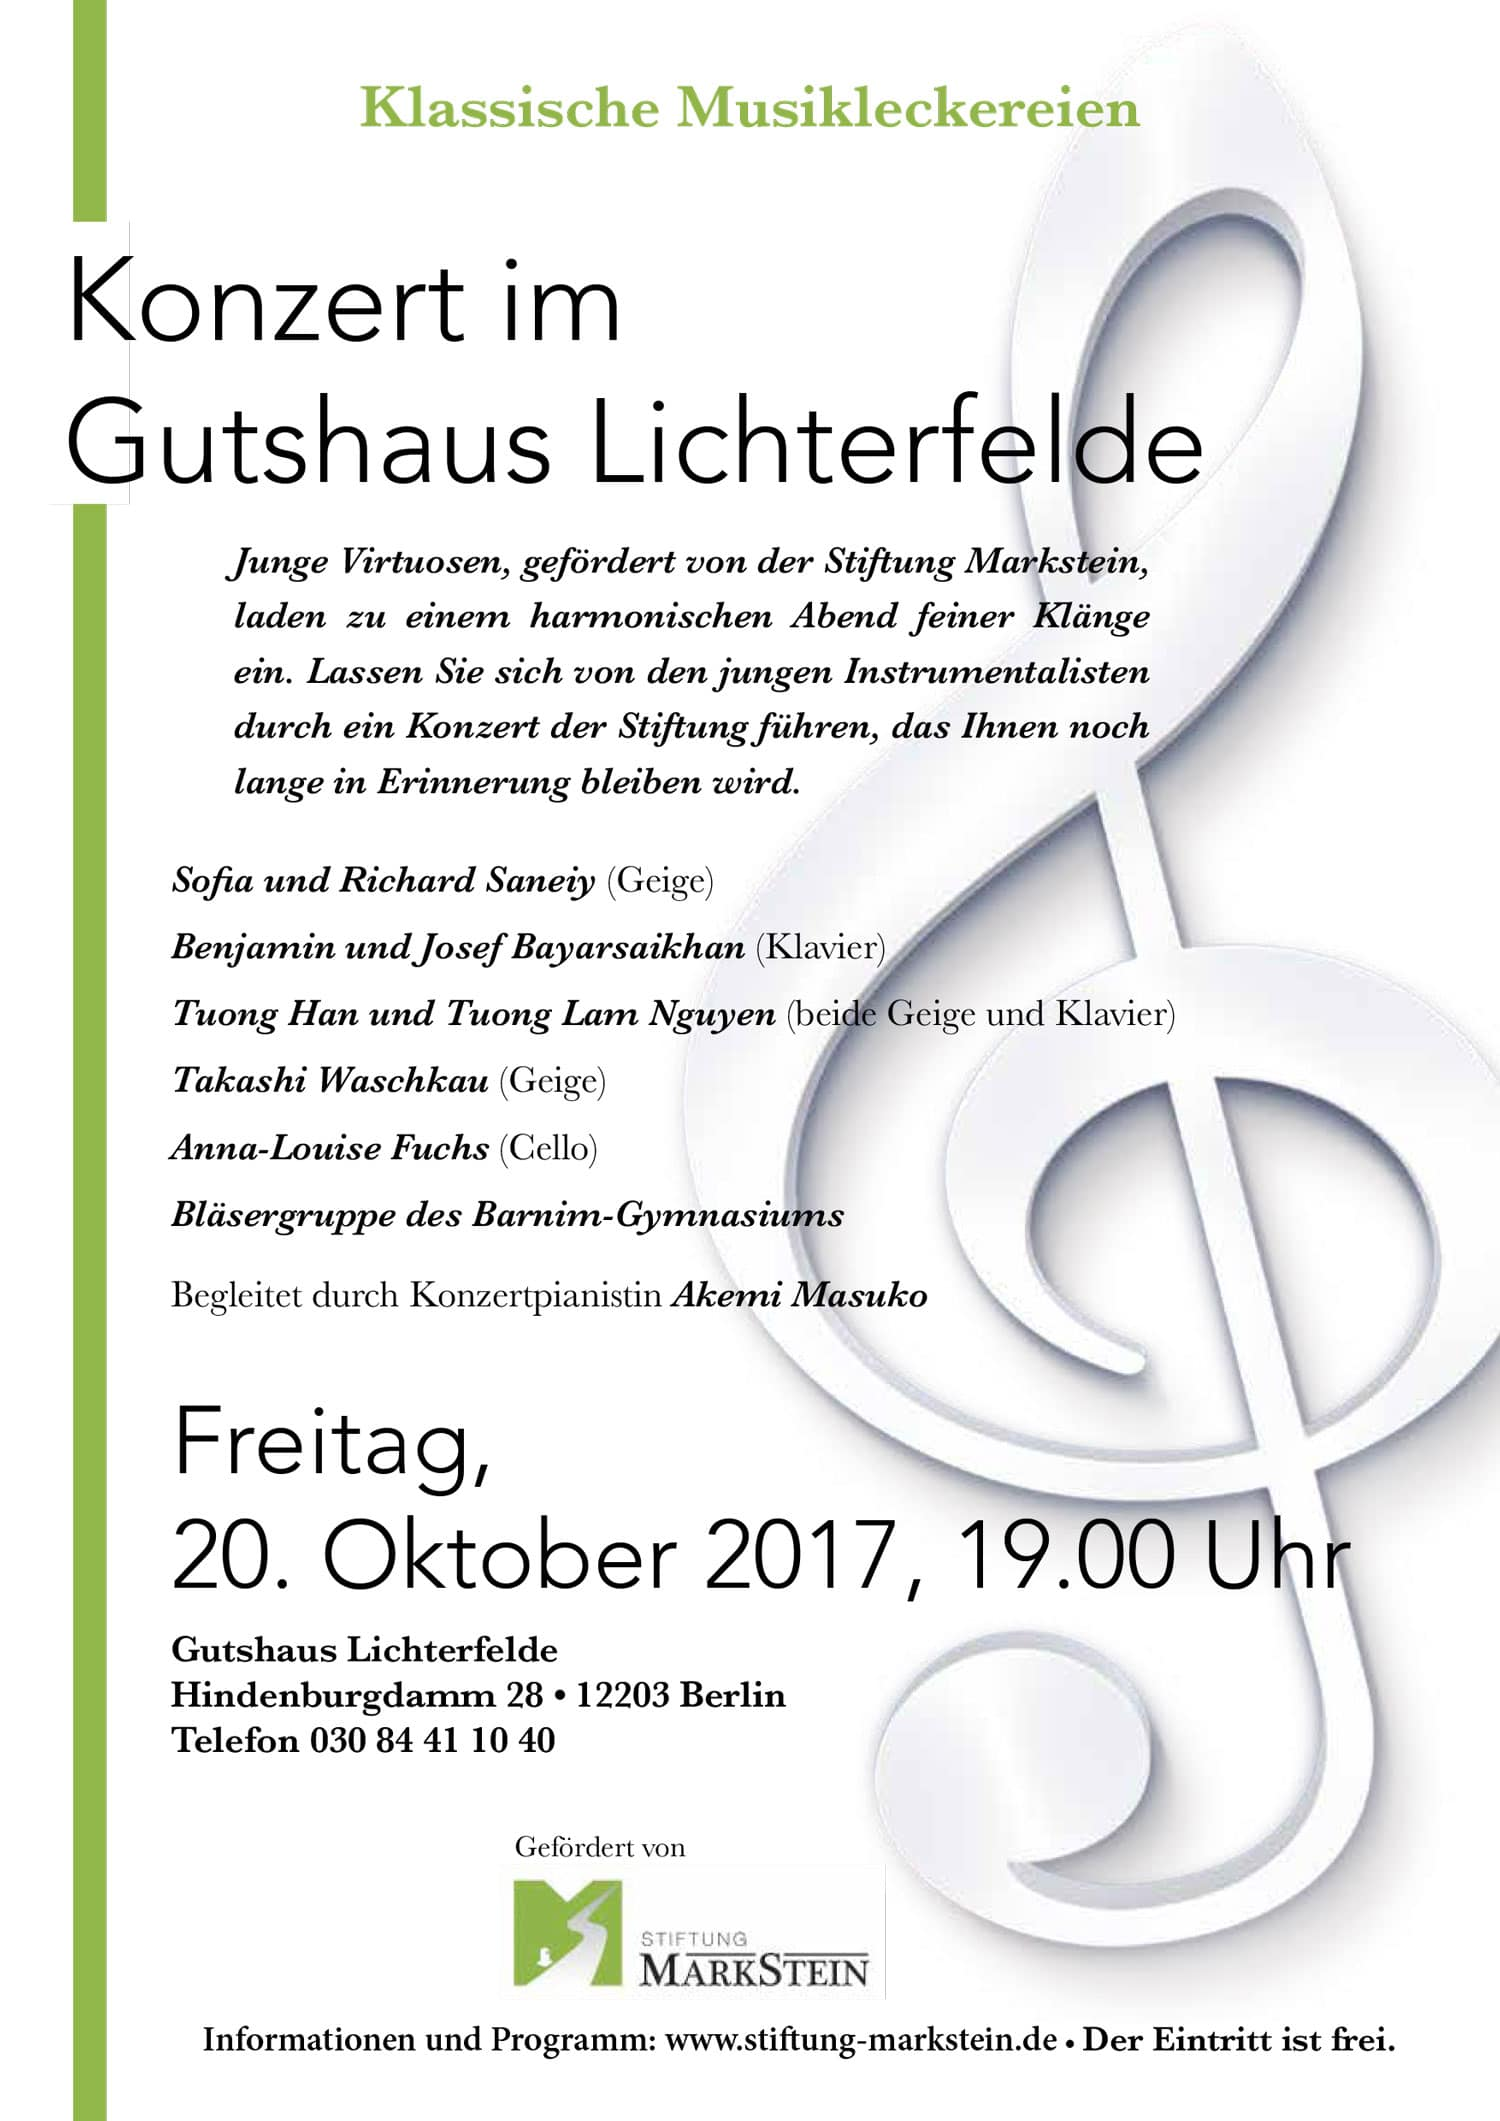 Konzert im Gutshaus Lichterfelde